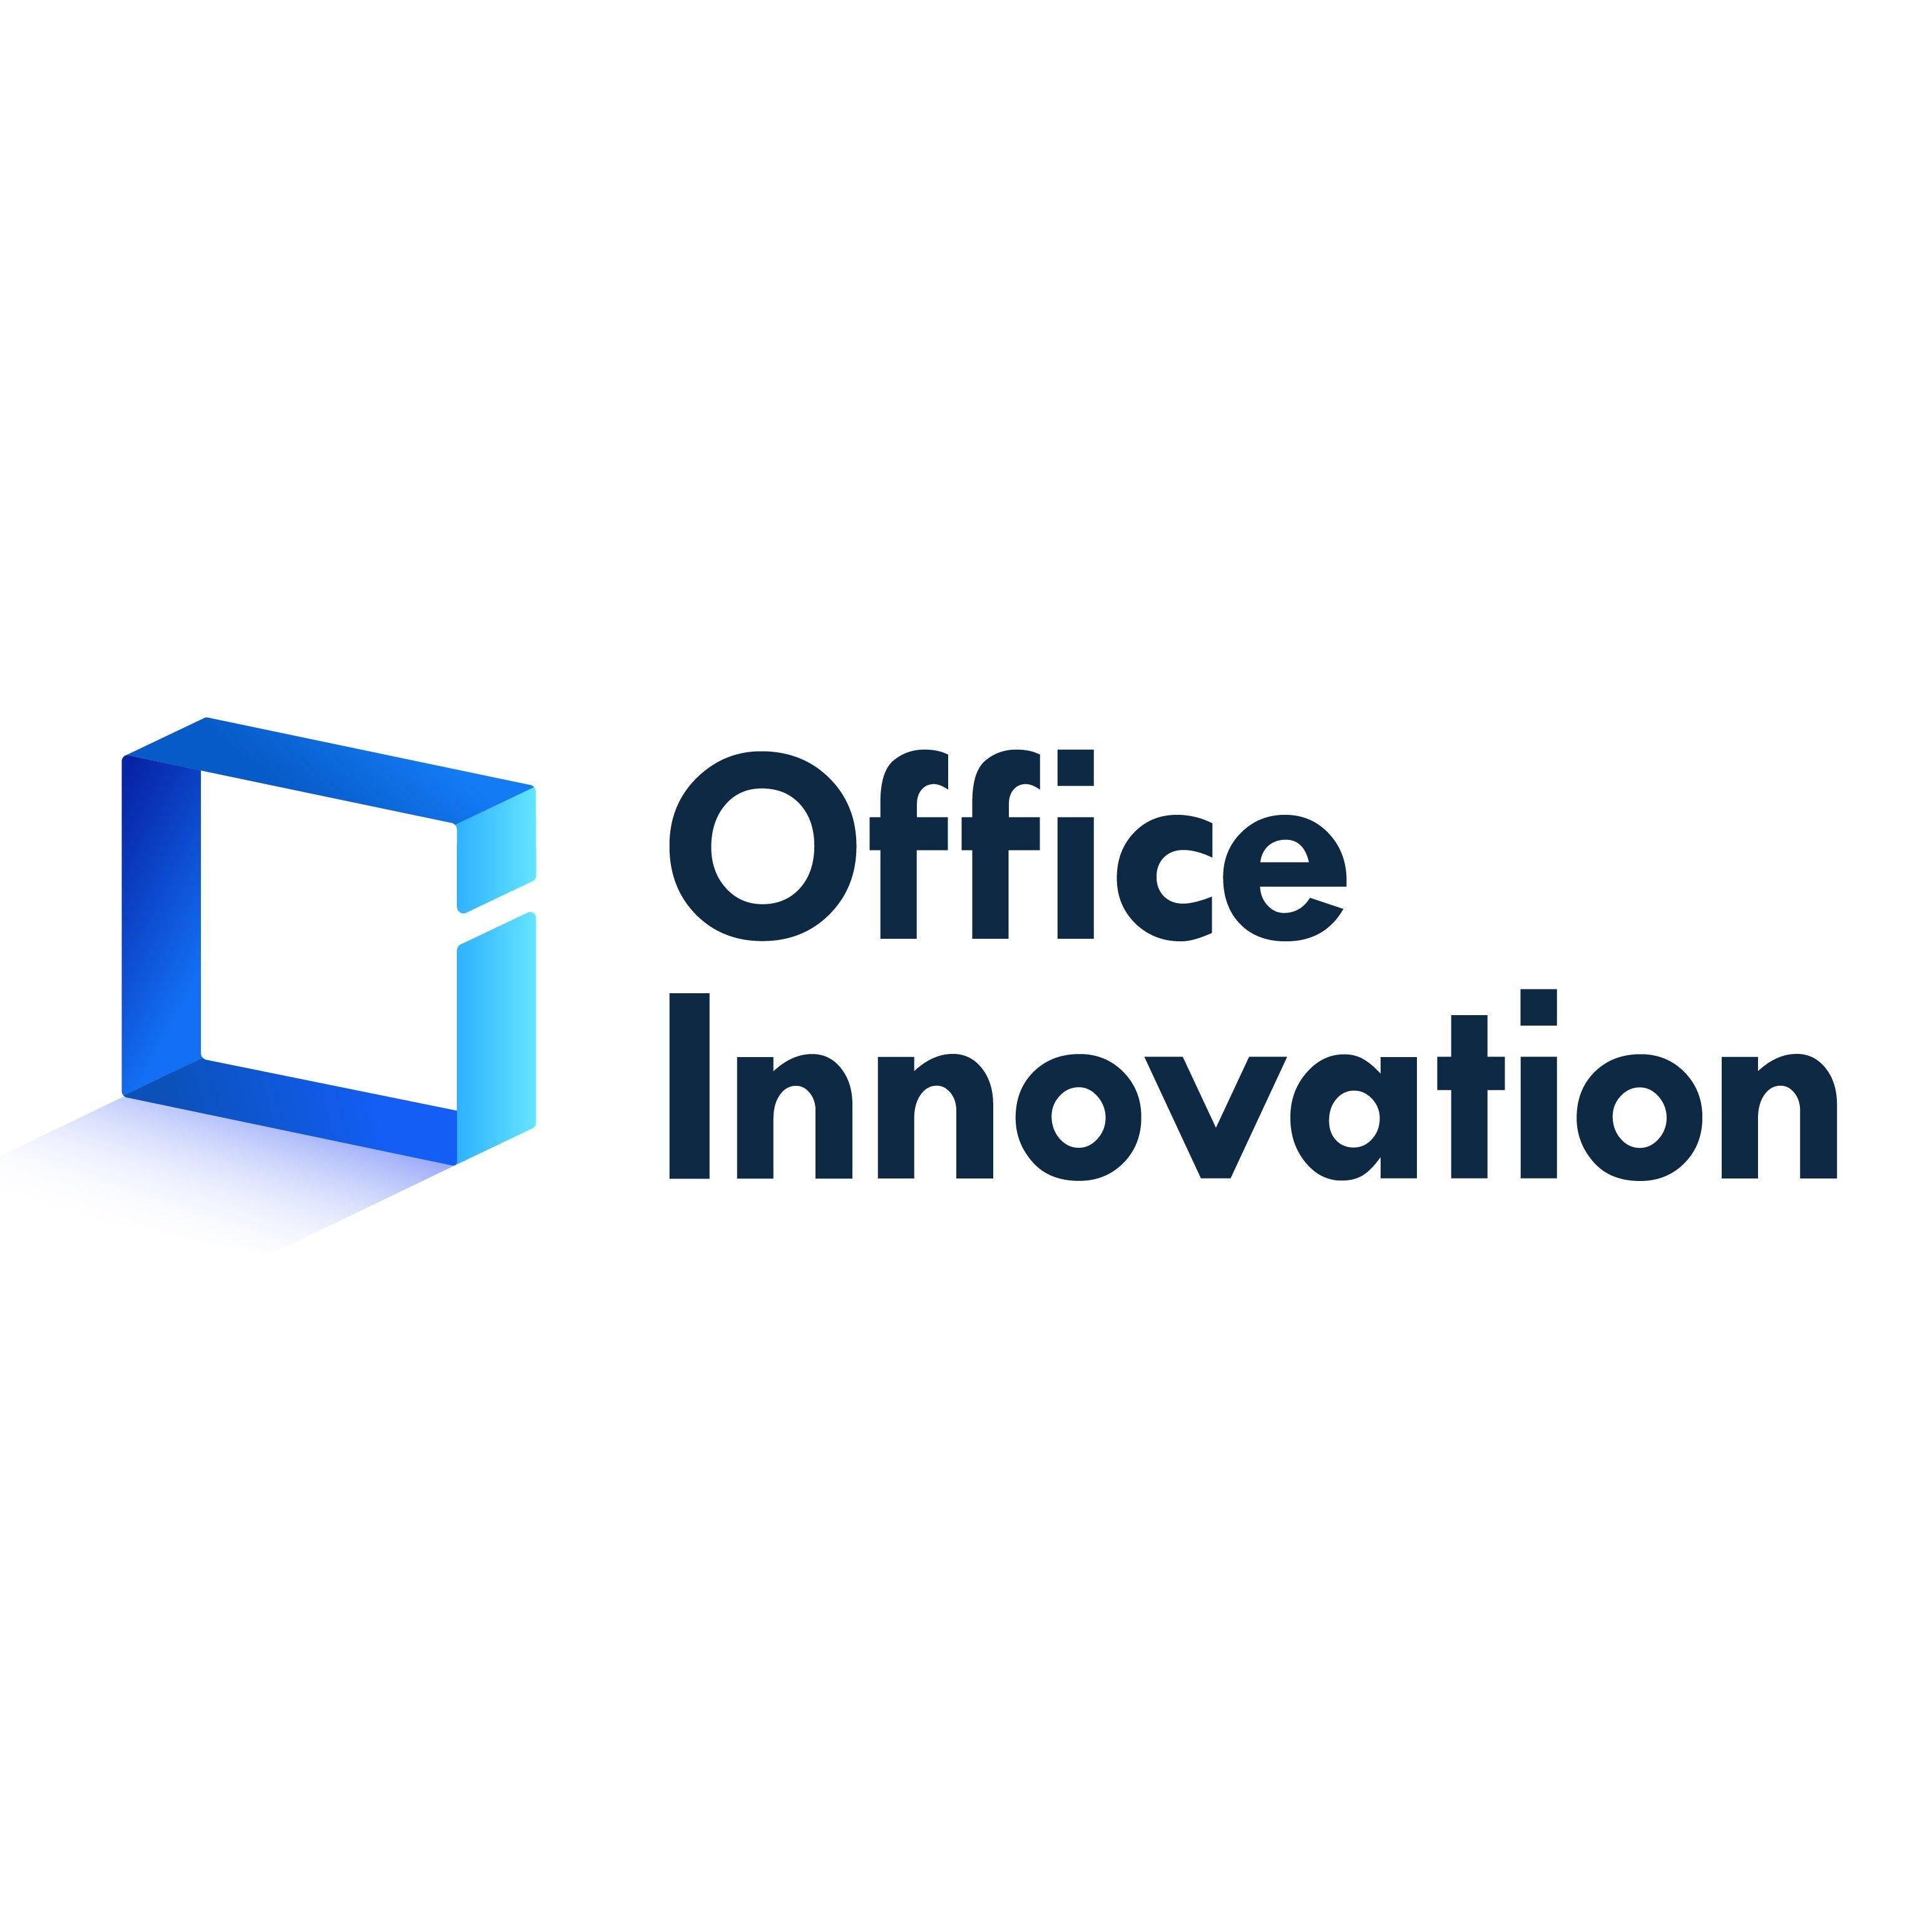 办公联合创新